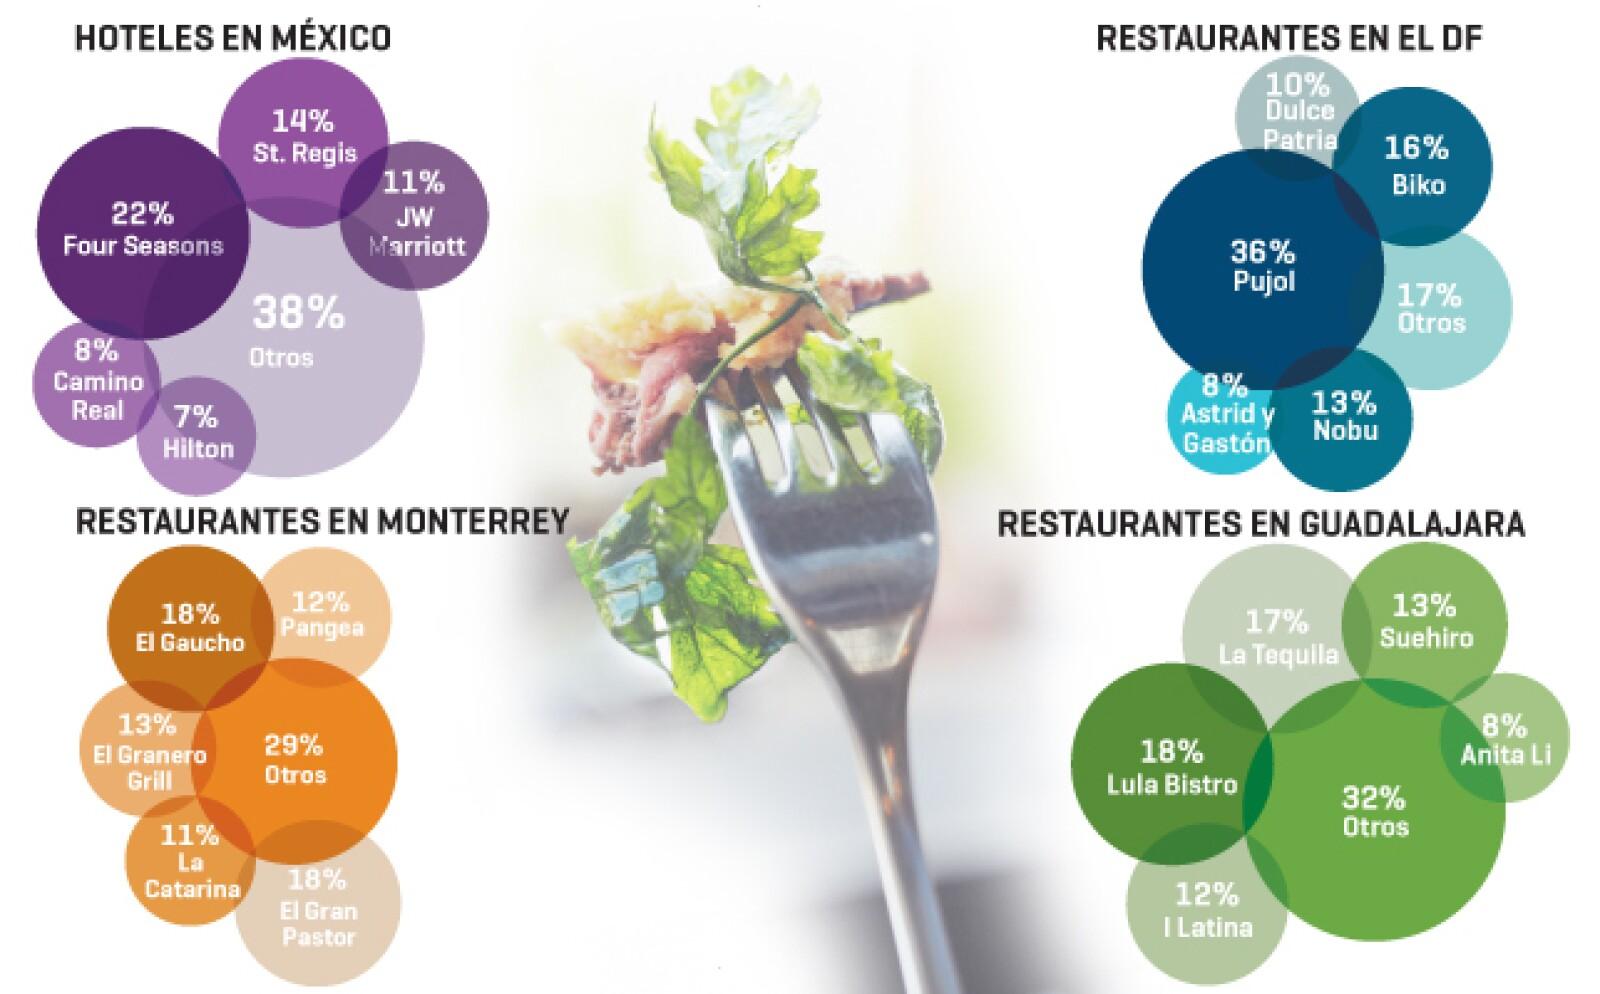 Los lectores de Expansión eligieron al St. Regis como el mejor hotel de la Ciudad de México. Mientras que los restaurantes Pujol (DF), El Gaucho (Monterrey) y Lula Bistro (Guadalajara) son los preferidos para ir a comer.